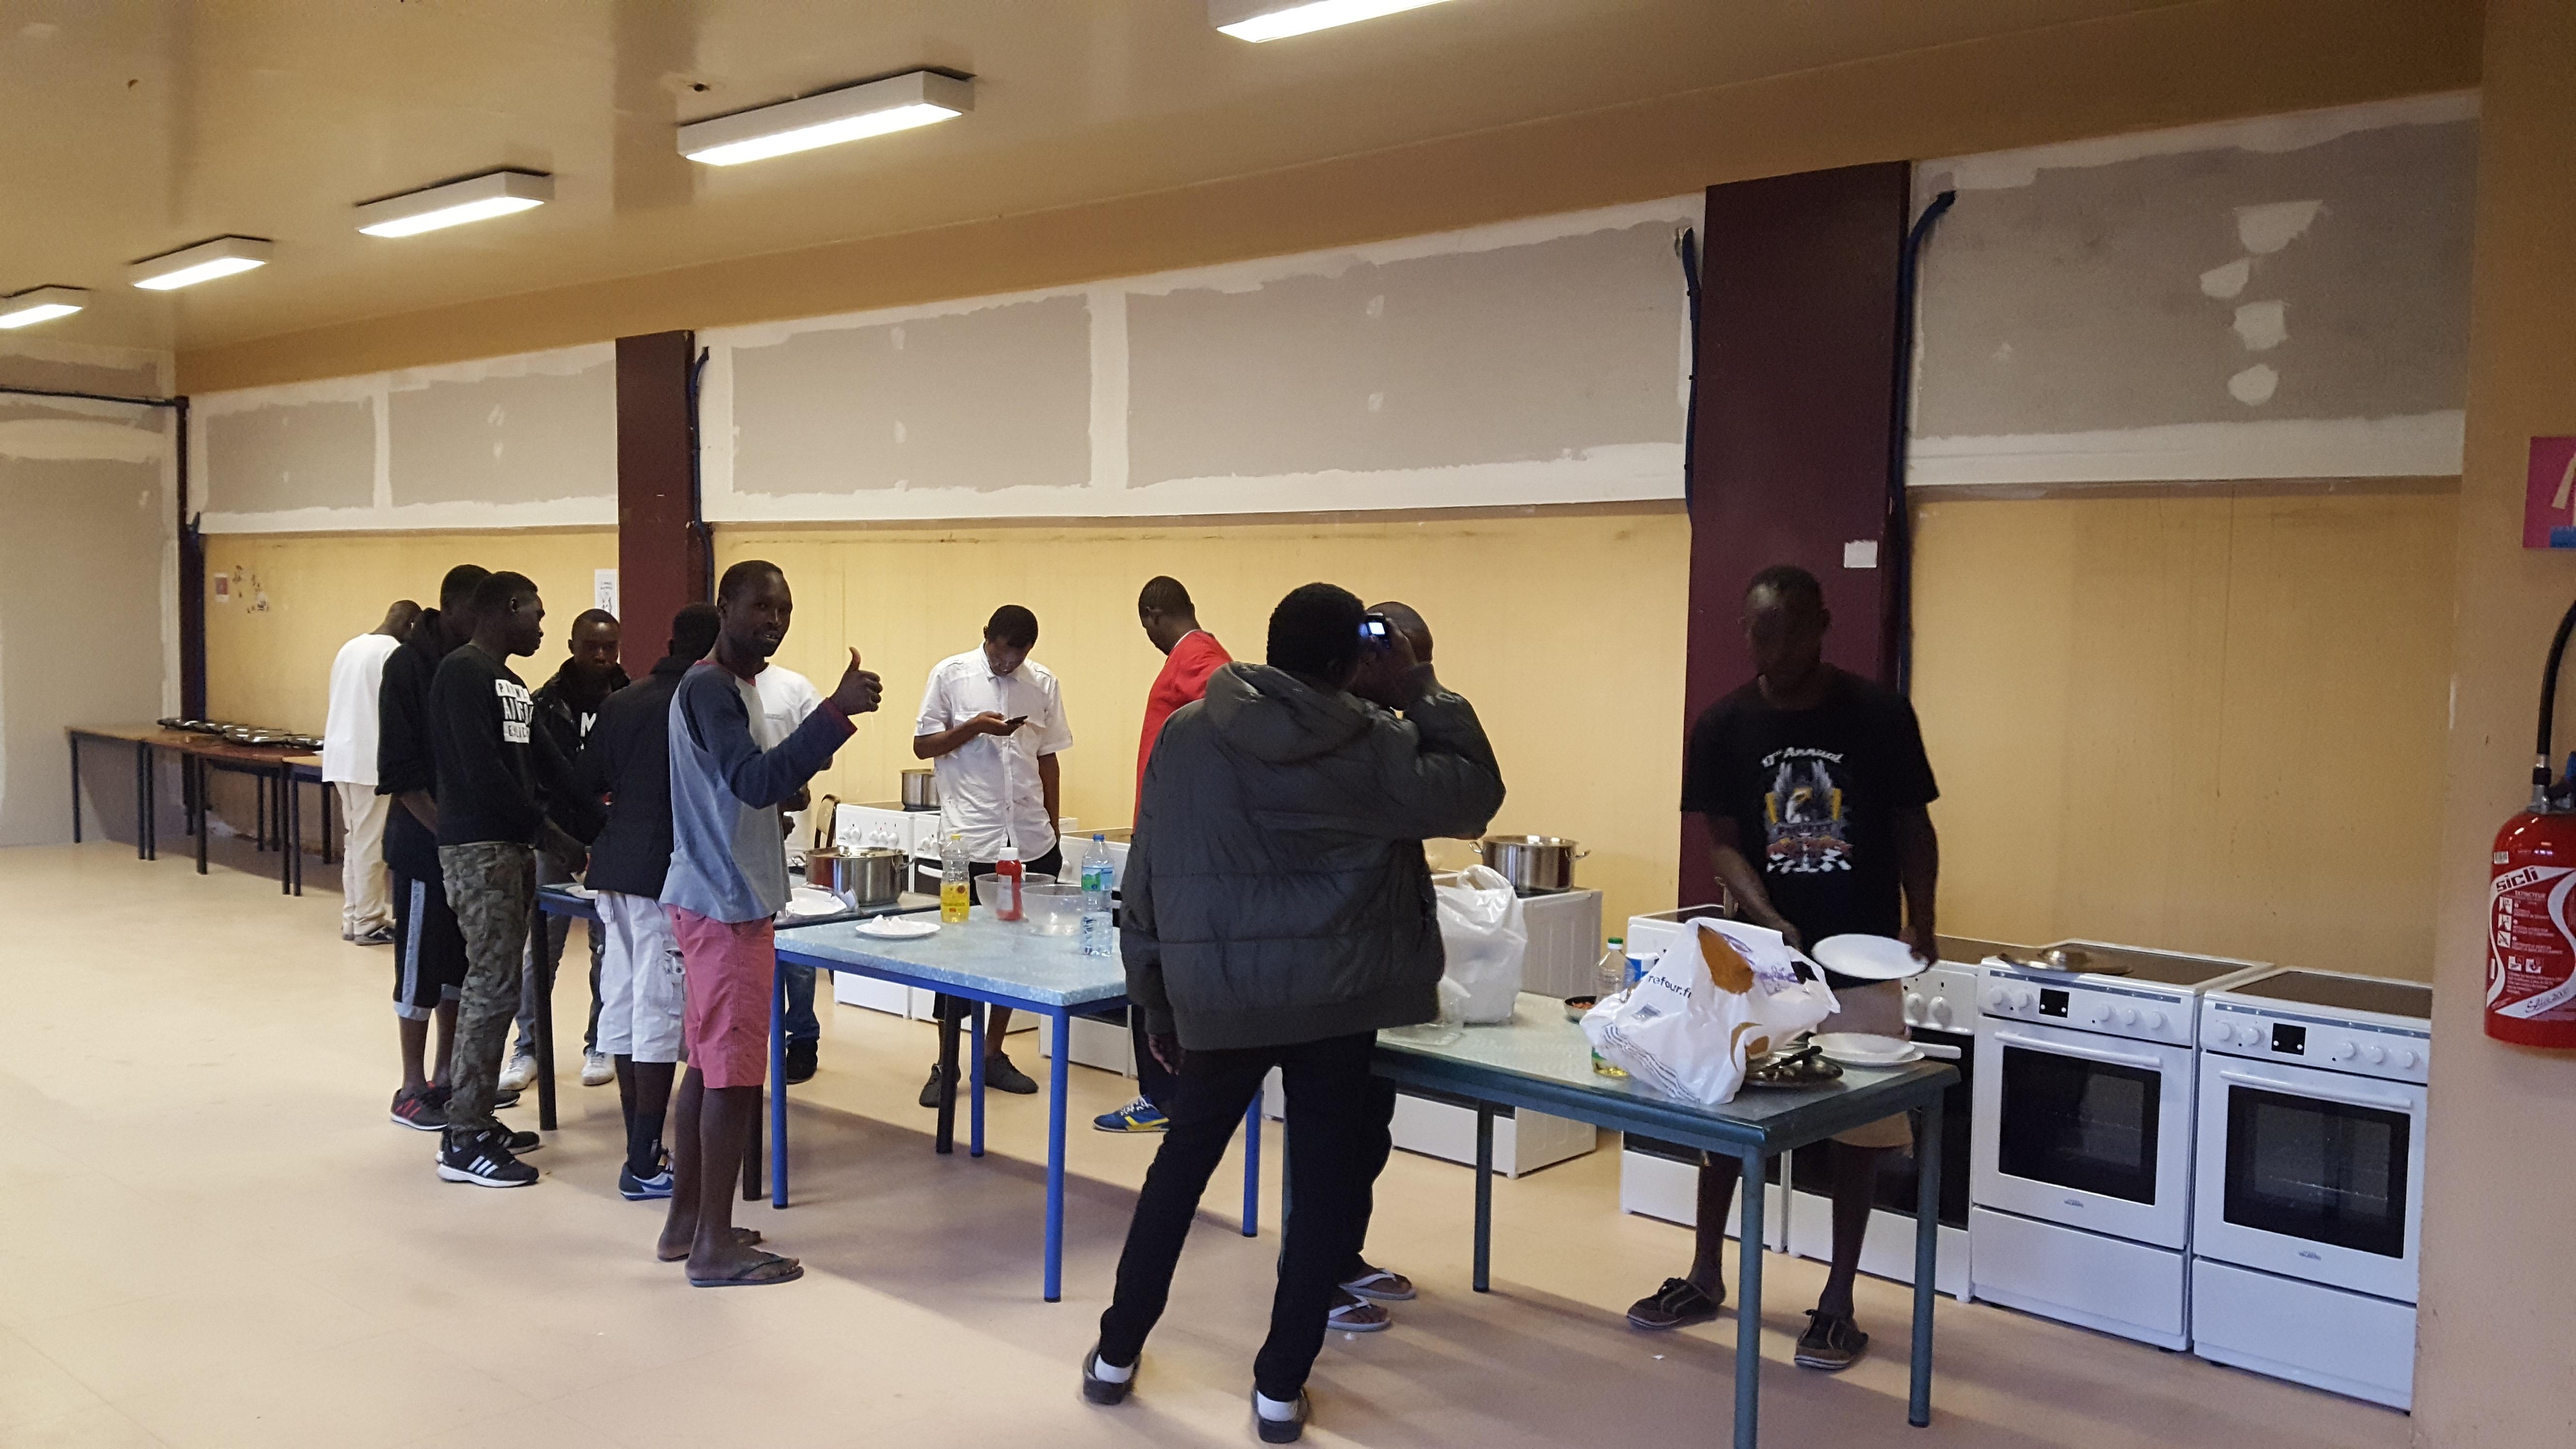 centre-d'accueil-réfugiés-créteil-novembre-2016 (4)